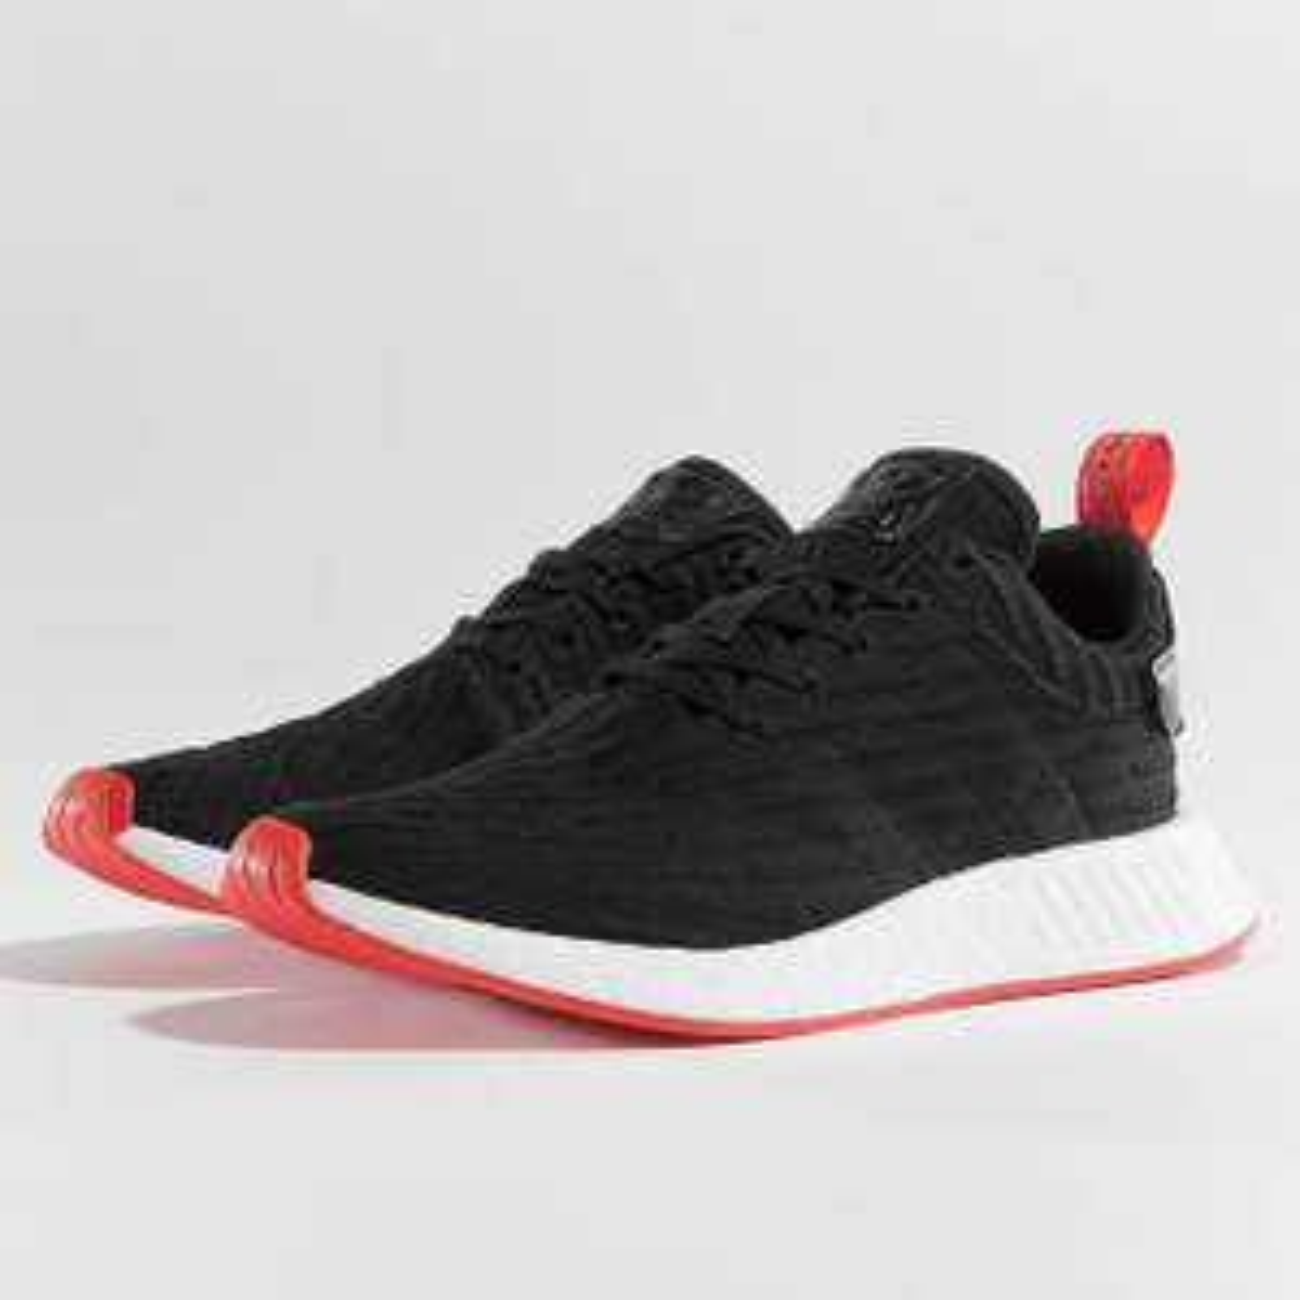 adidas NMD R2 Primeknit schwarz für 99,64€ + 10% Shoop möglich @Defshop